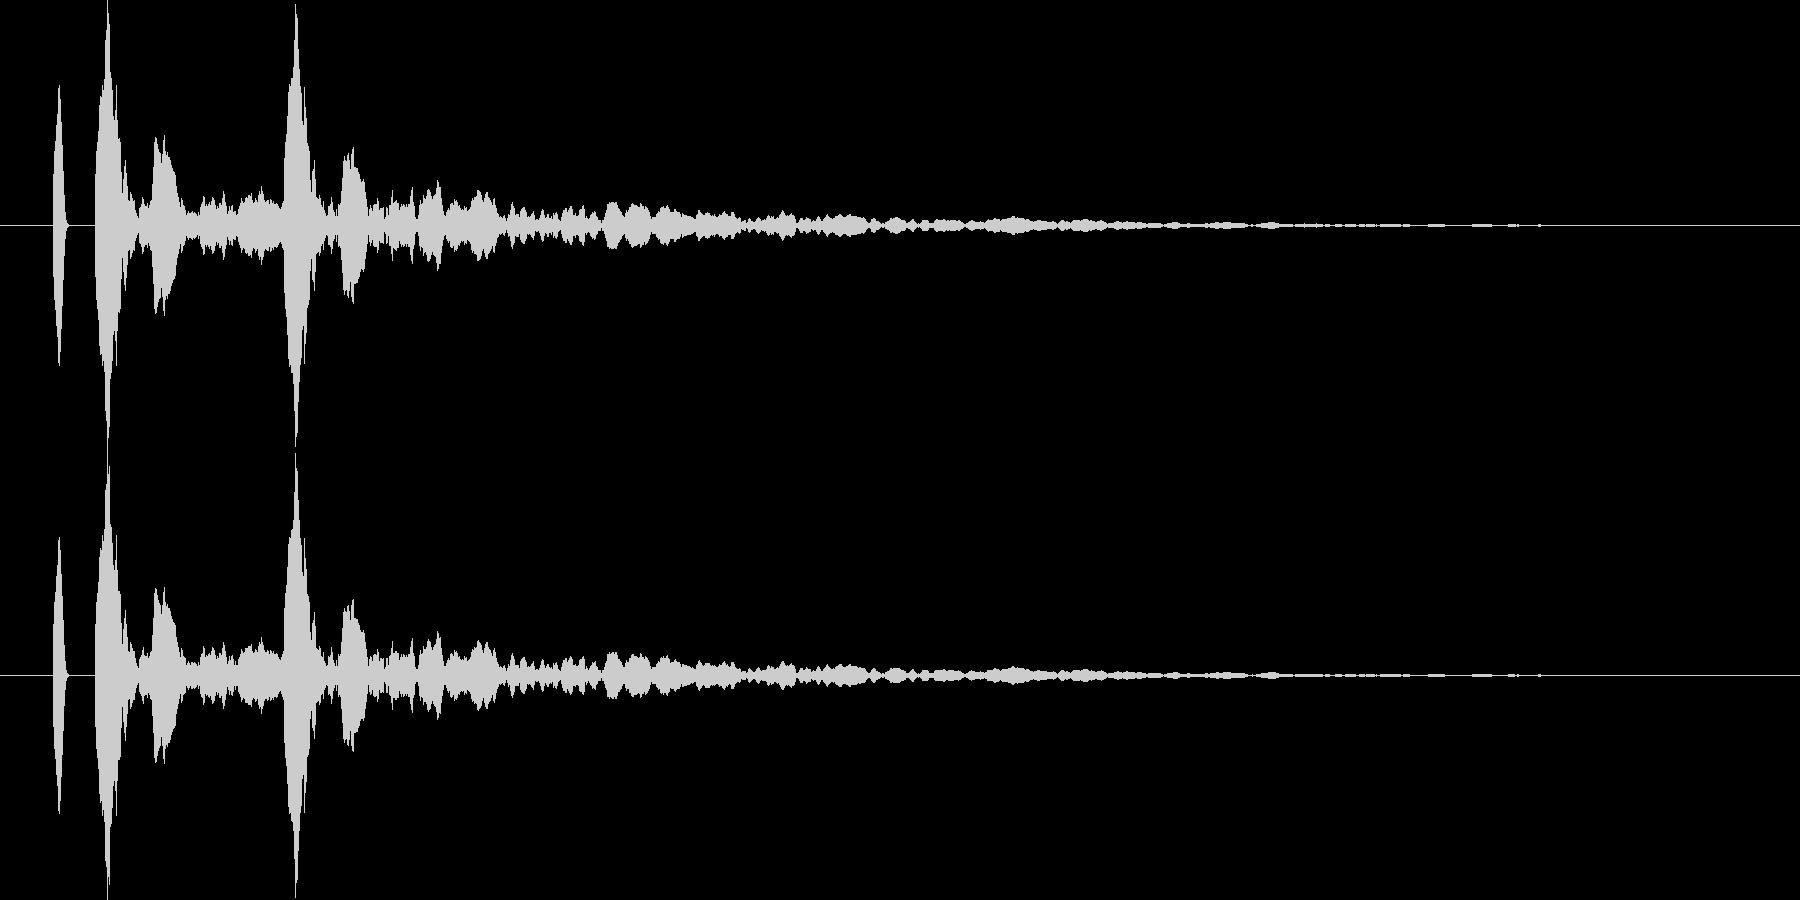 【カカン!】リアルな拍子木の効果音!02の未再生の波形